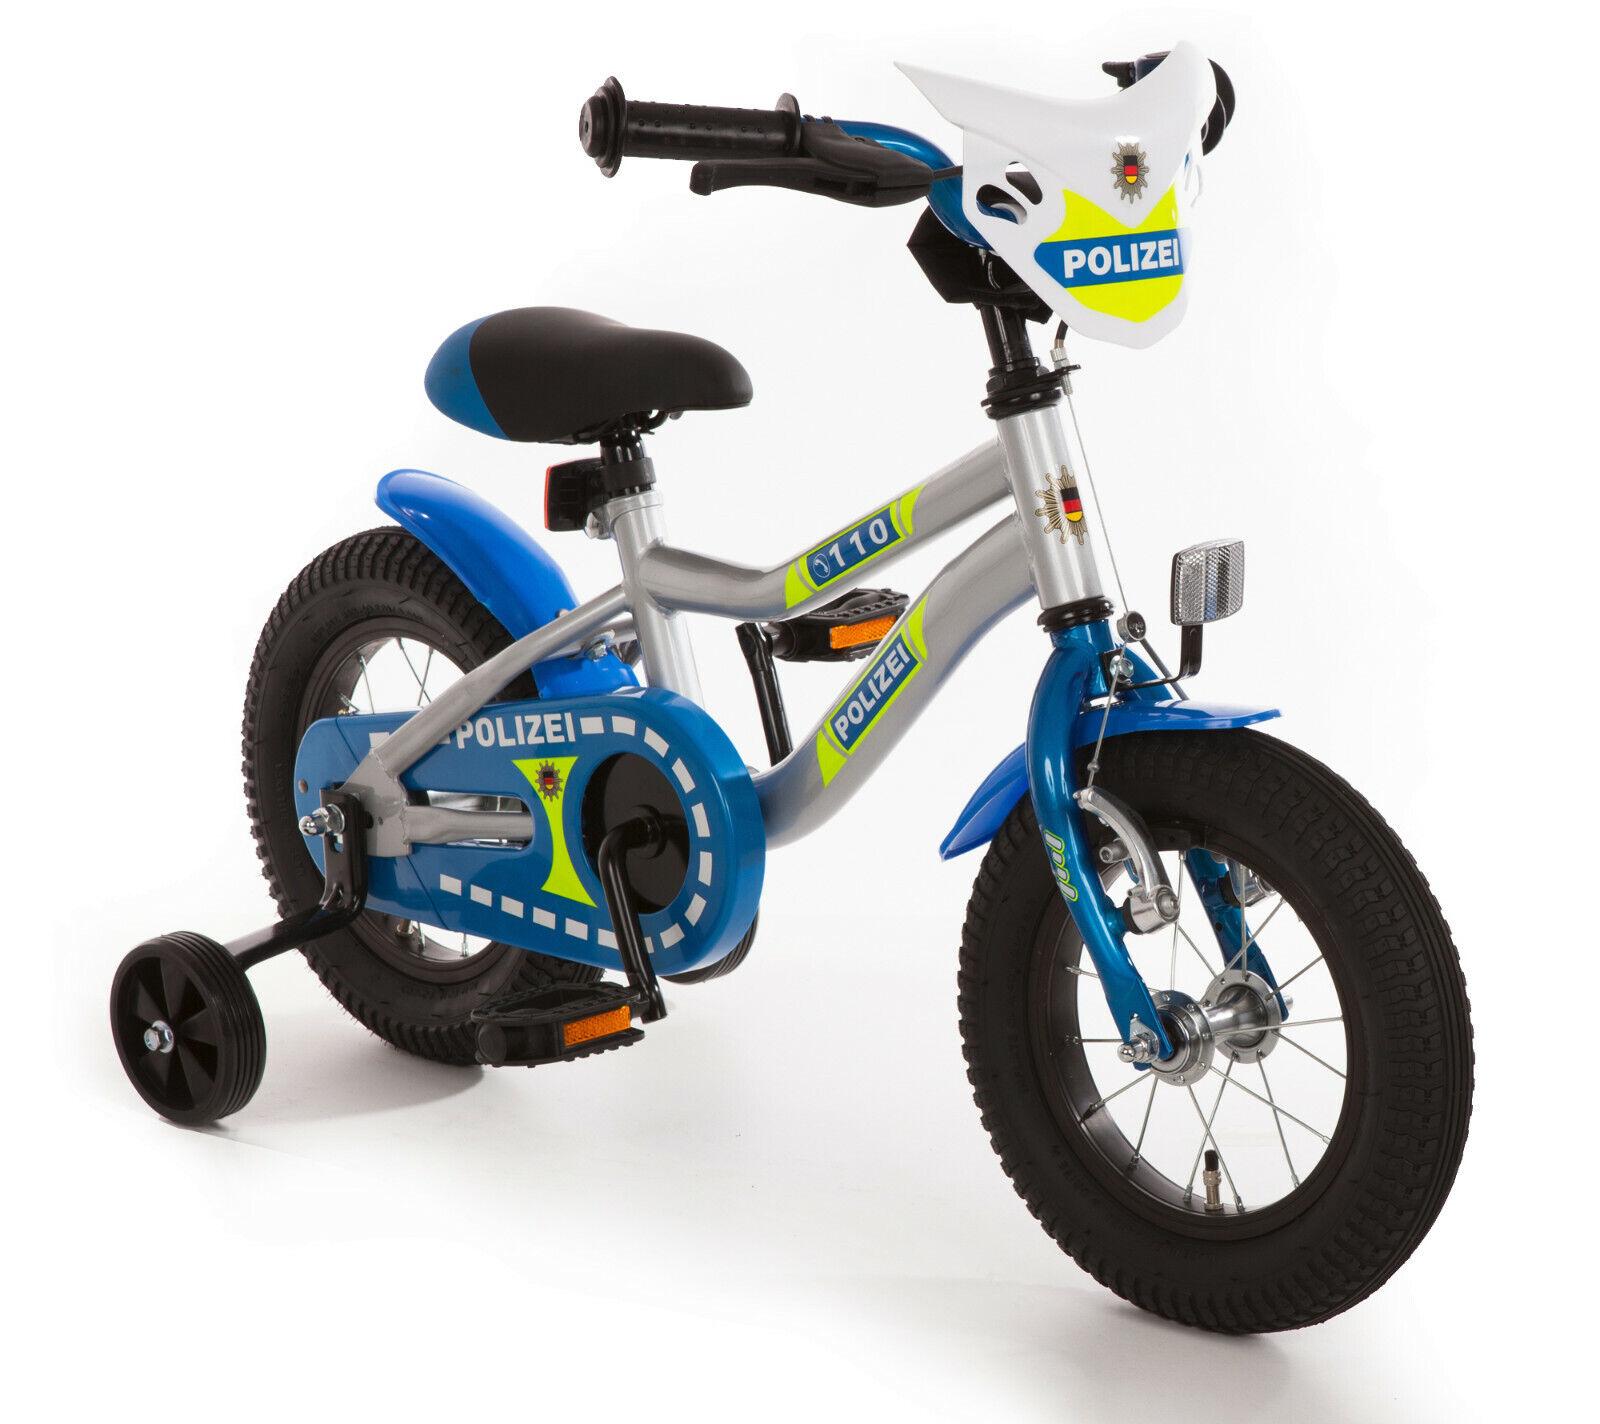 Bachtenkirch Kinder Fahrrad Kuma Polizei 12 Zoll inkl. Stützräder 540-PZ-40